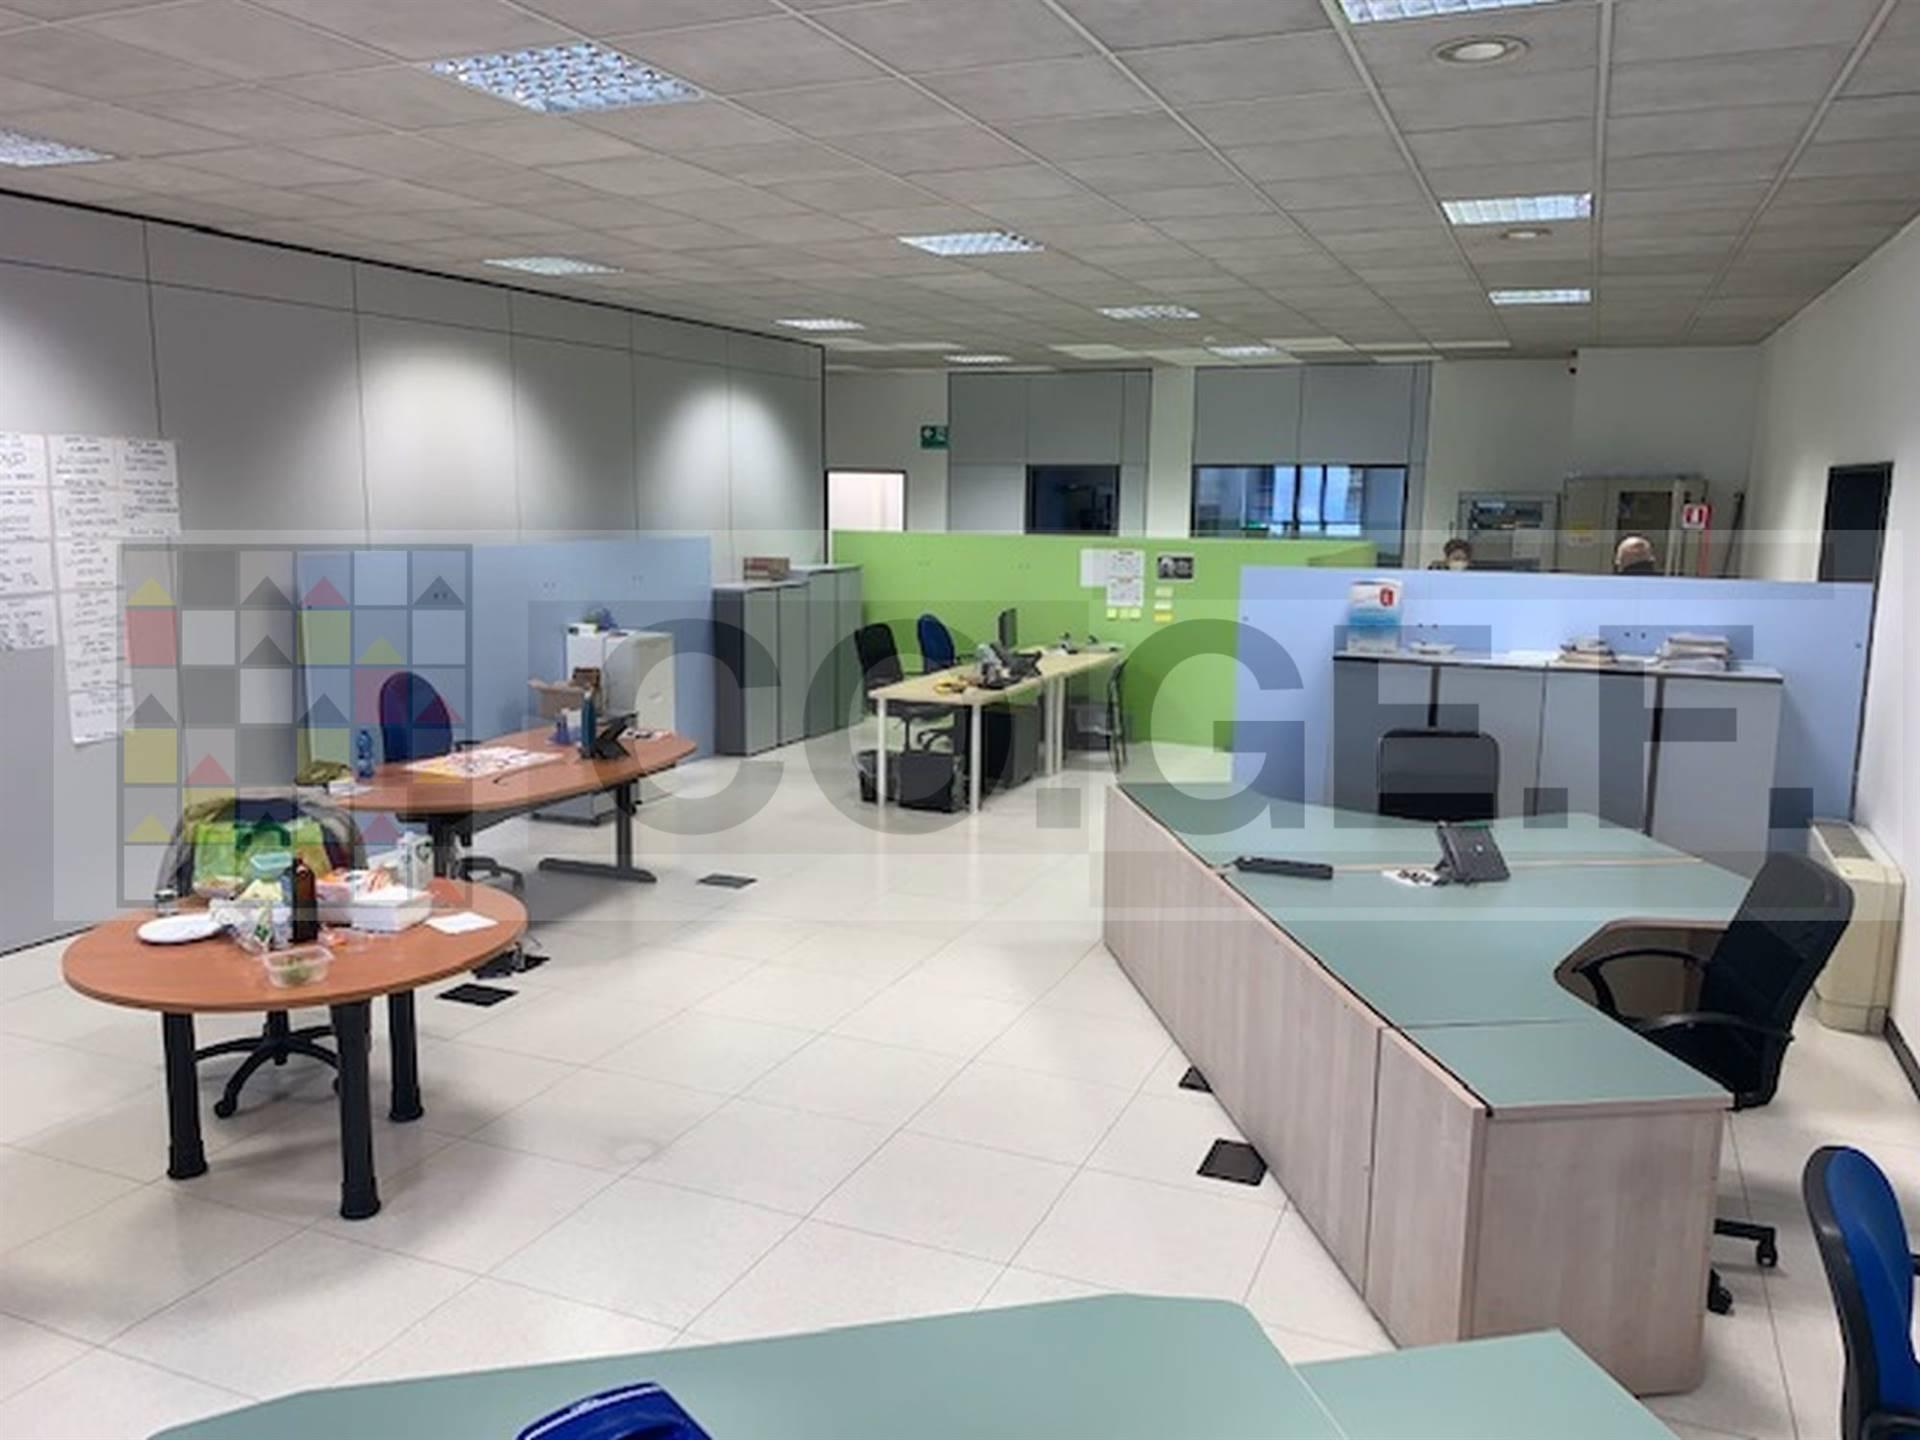 Ufficio / Studio in affitto a Saronno, 9999 locali, zona Località: CENTRO- STAZIONE, prezzo € 5.000 | CambioCasa.it